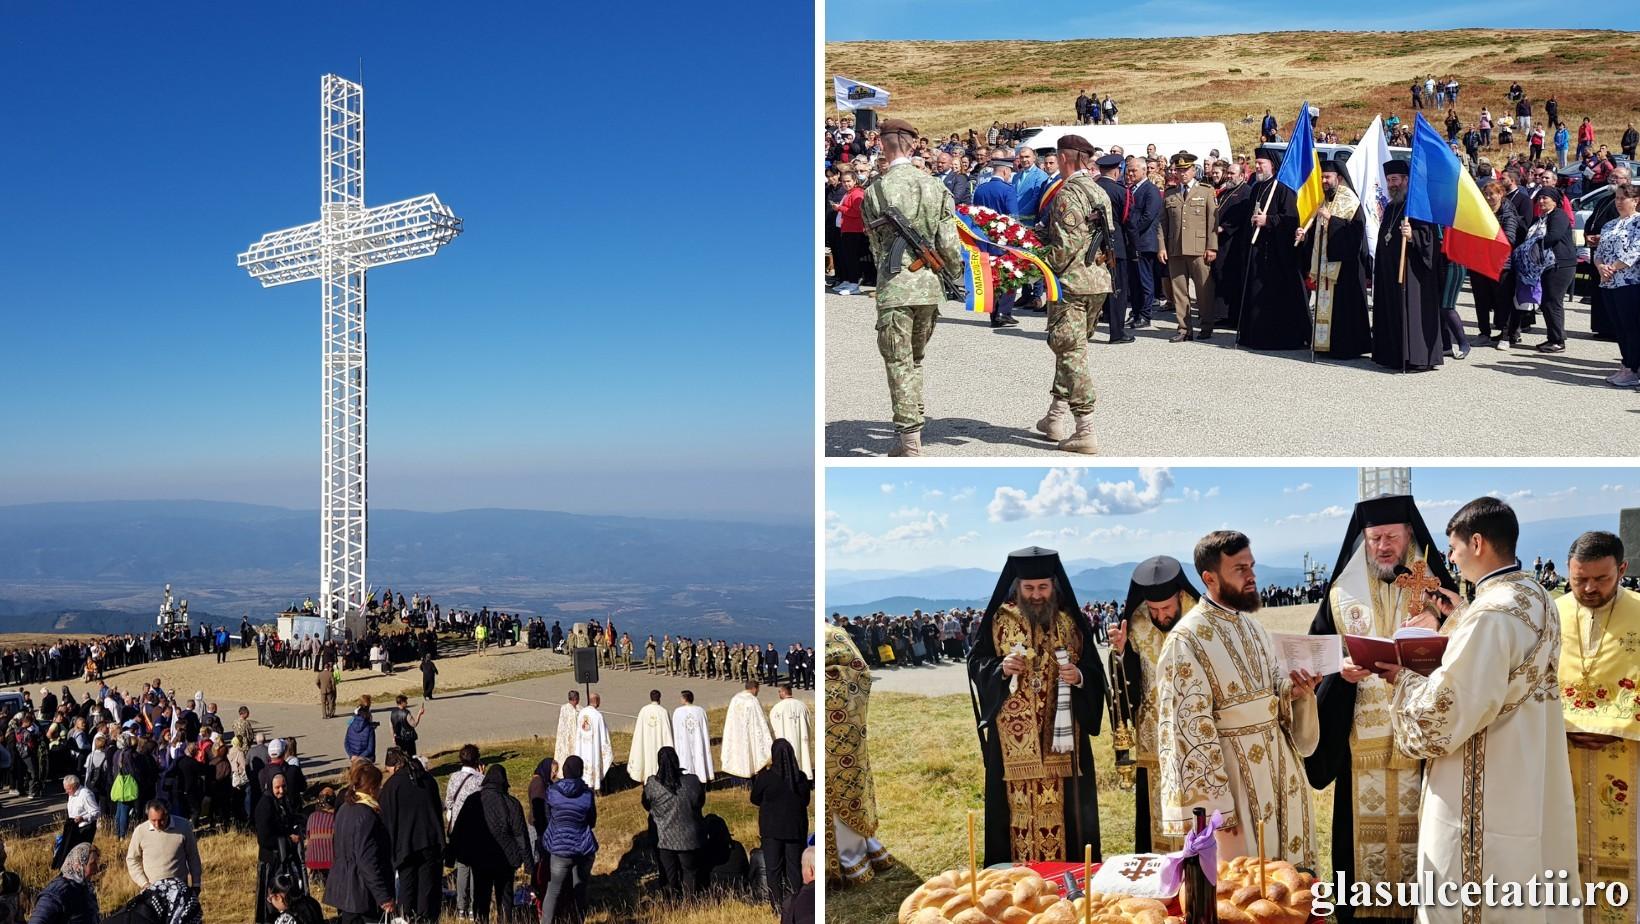 (FOTO) Pelerinaj și Liturghie Arhierească în ziua Înălțării Sfintei Cruci, la Monumentul Eroilor bănățeni de pe Muntele Mic